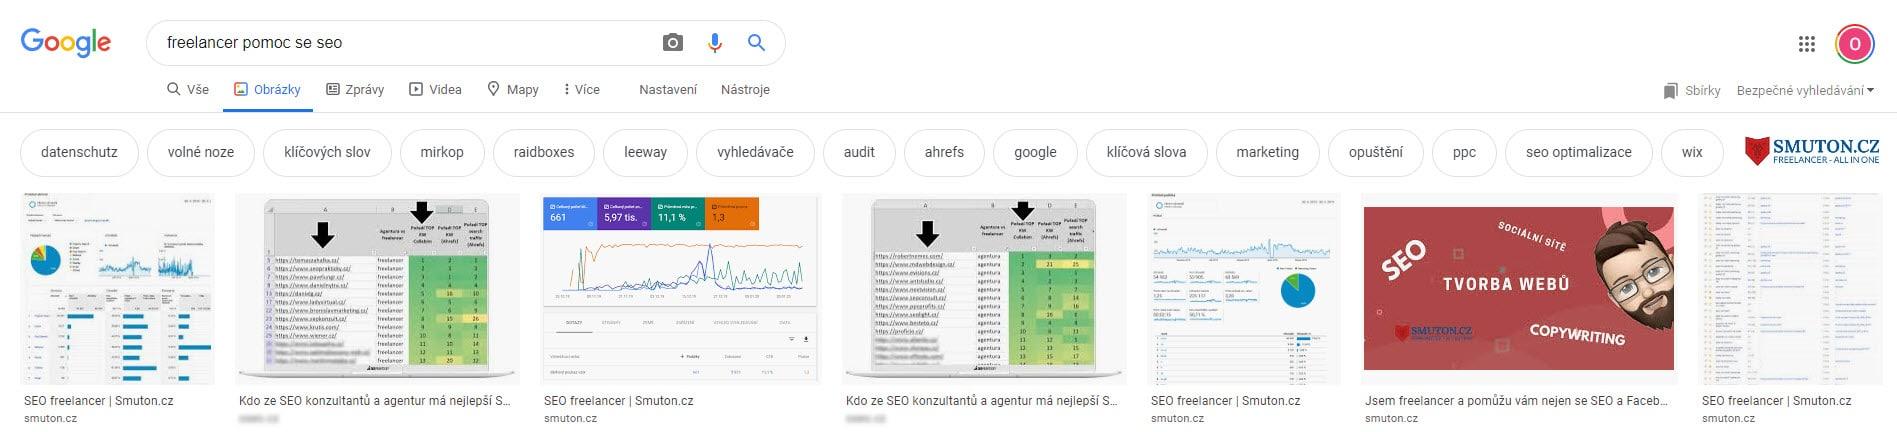 Vyhledávač Google - záložka obrázky